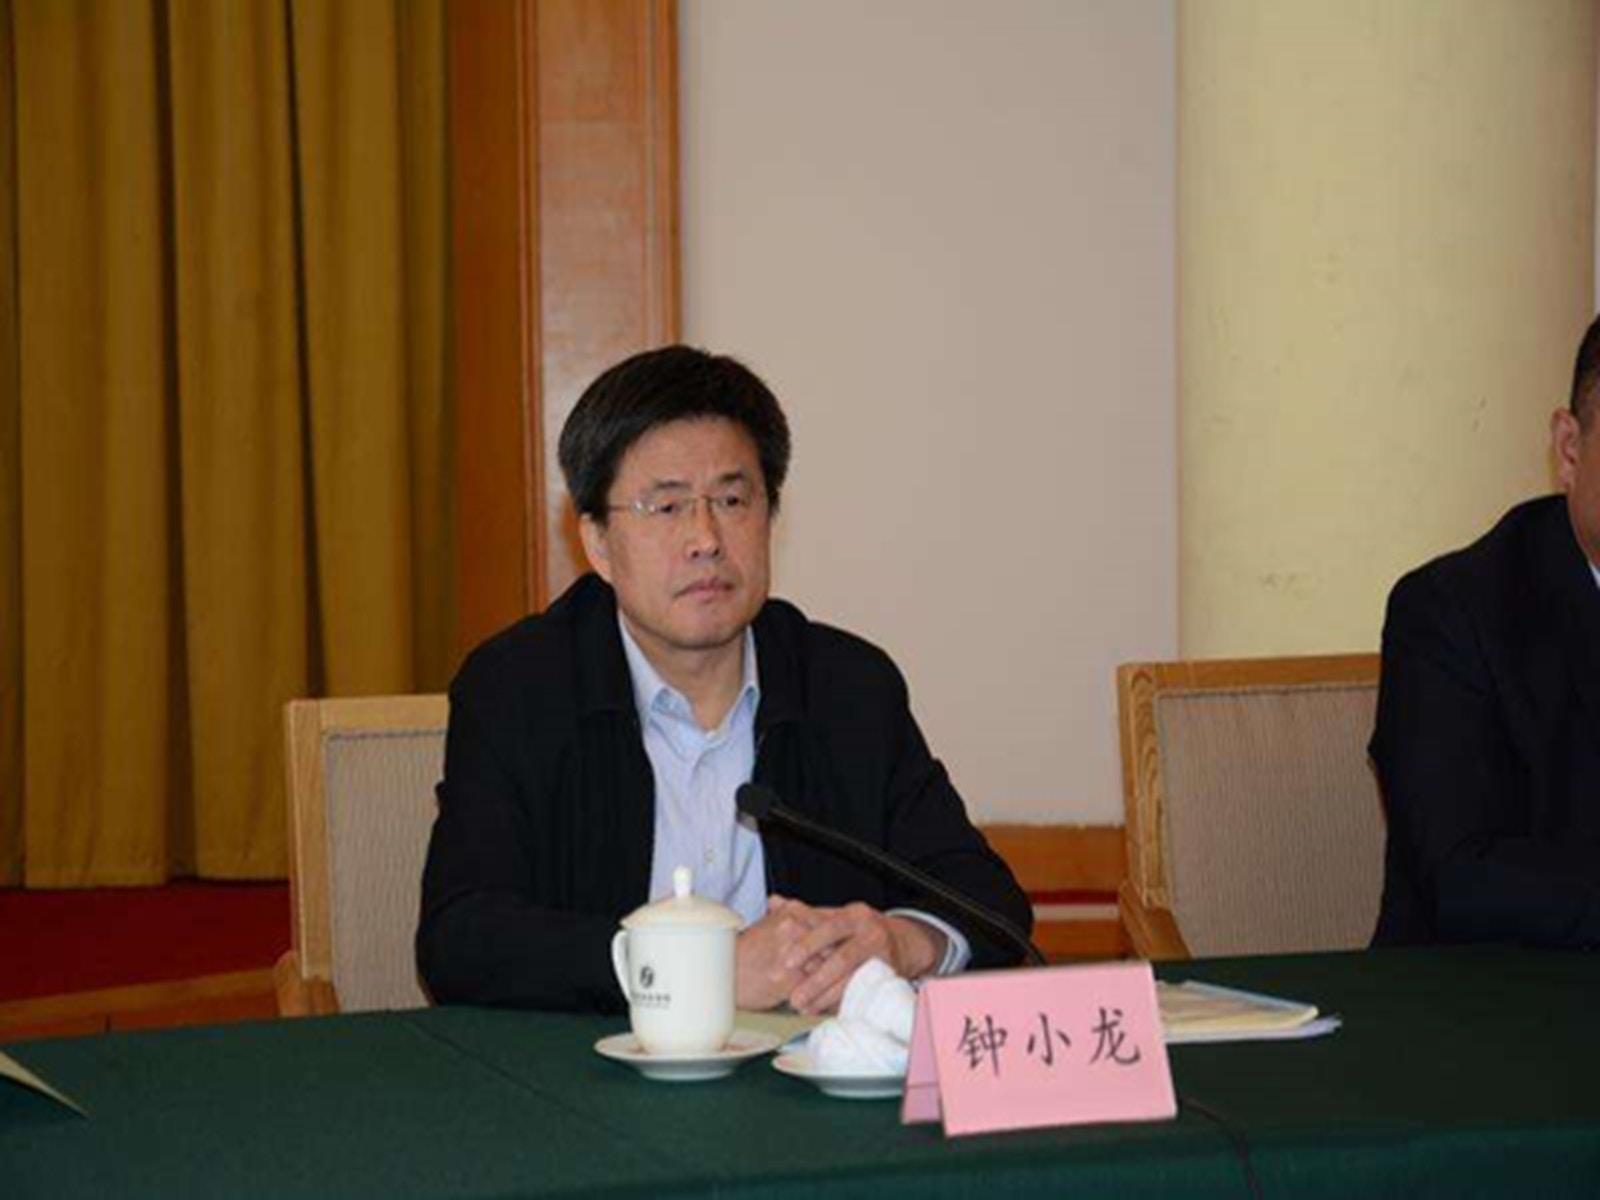 鍾小龍日前在北京家中自殺。網圖